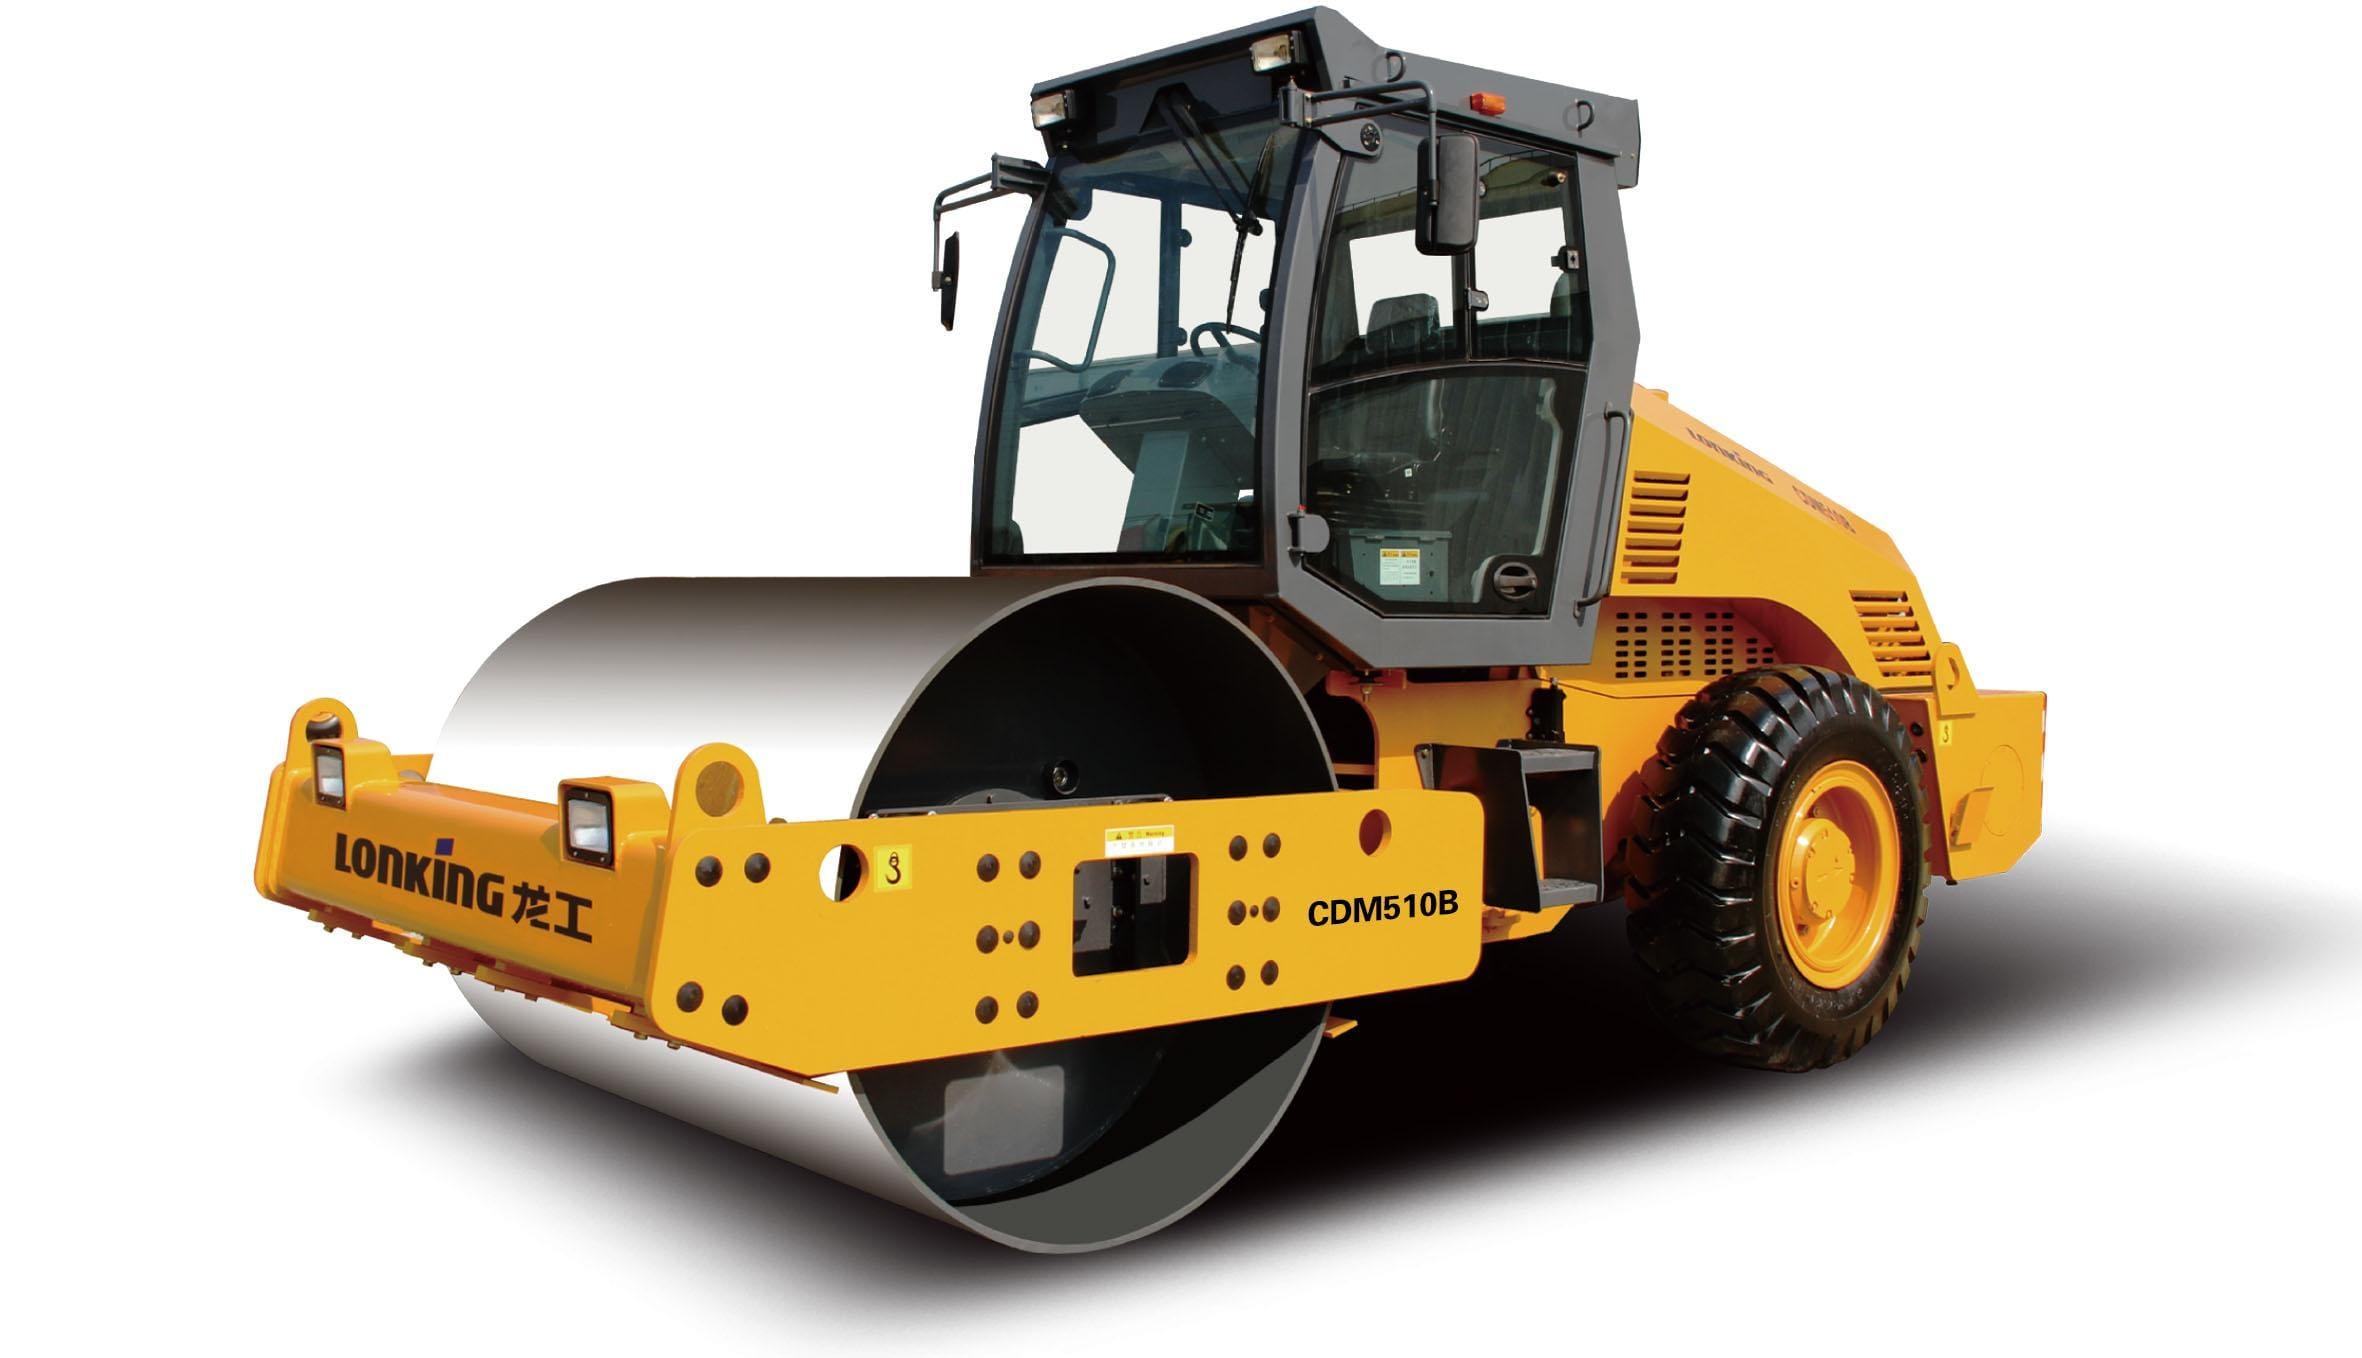 Cilindru compactor CDM510B